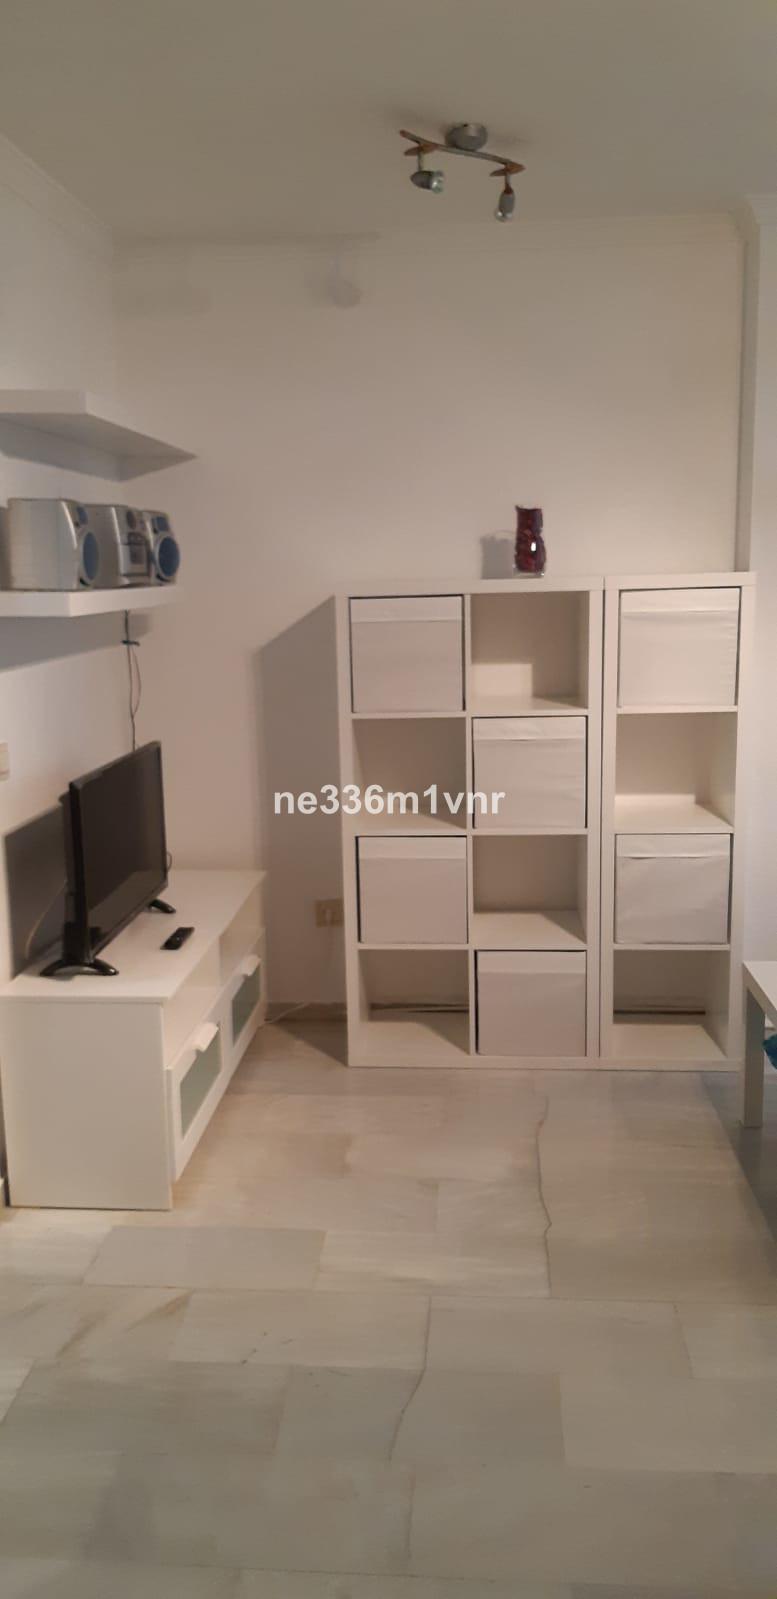 R3273166: Studio for sale in Malaga Centro